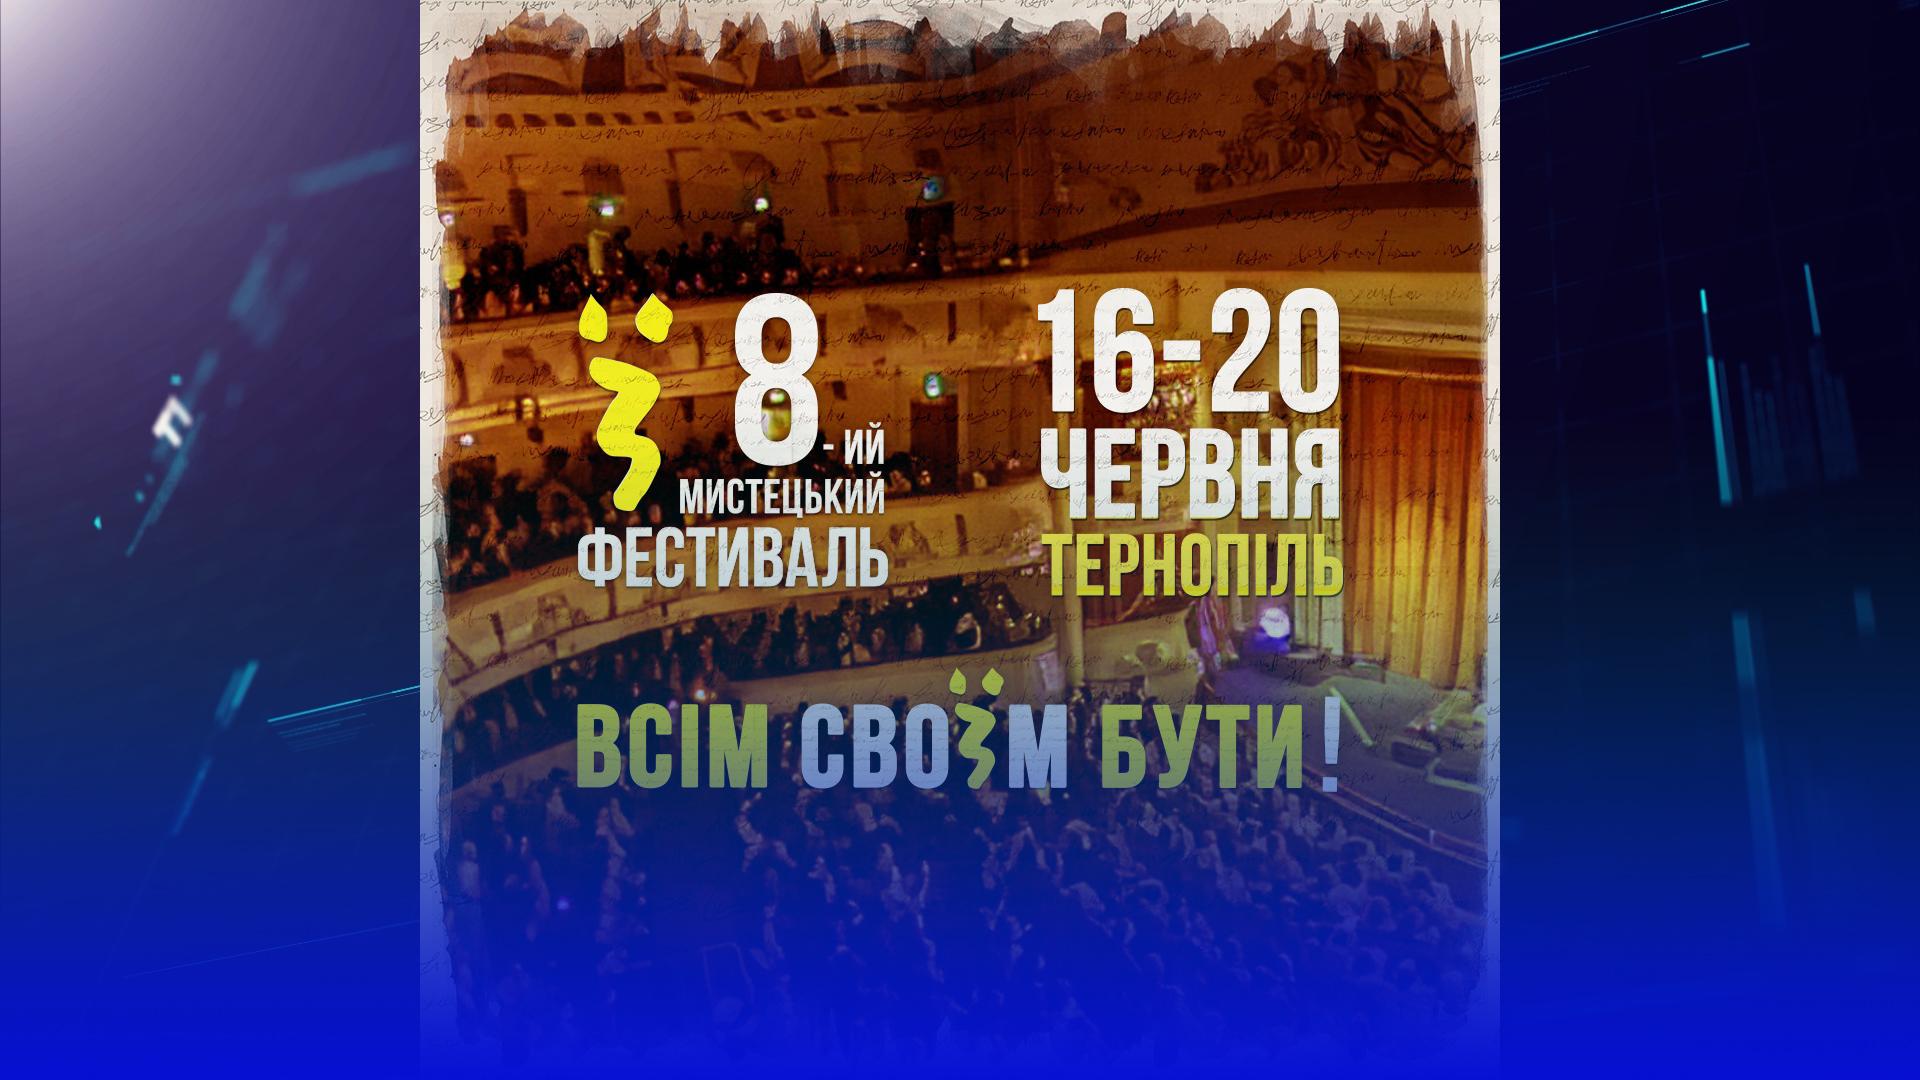 """""""Лінія Маннергейма"""", Андрухович, Ірванець: п'ять днів триватиме довгоочікуваний фестиваль """"Ї"""" у Тернополі"""